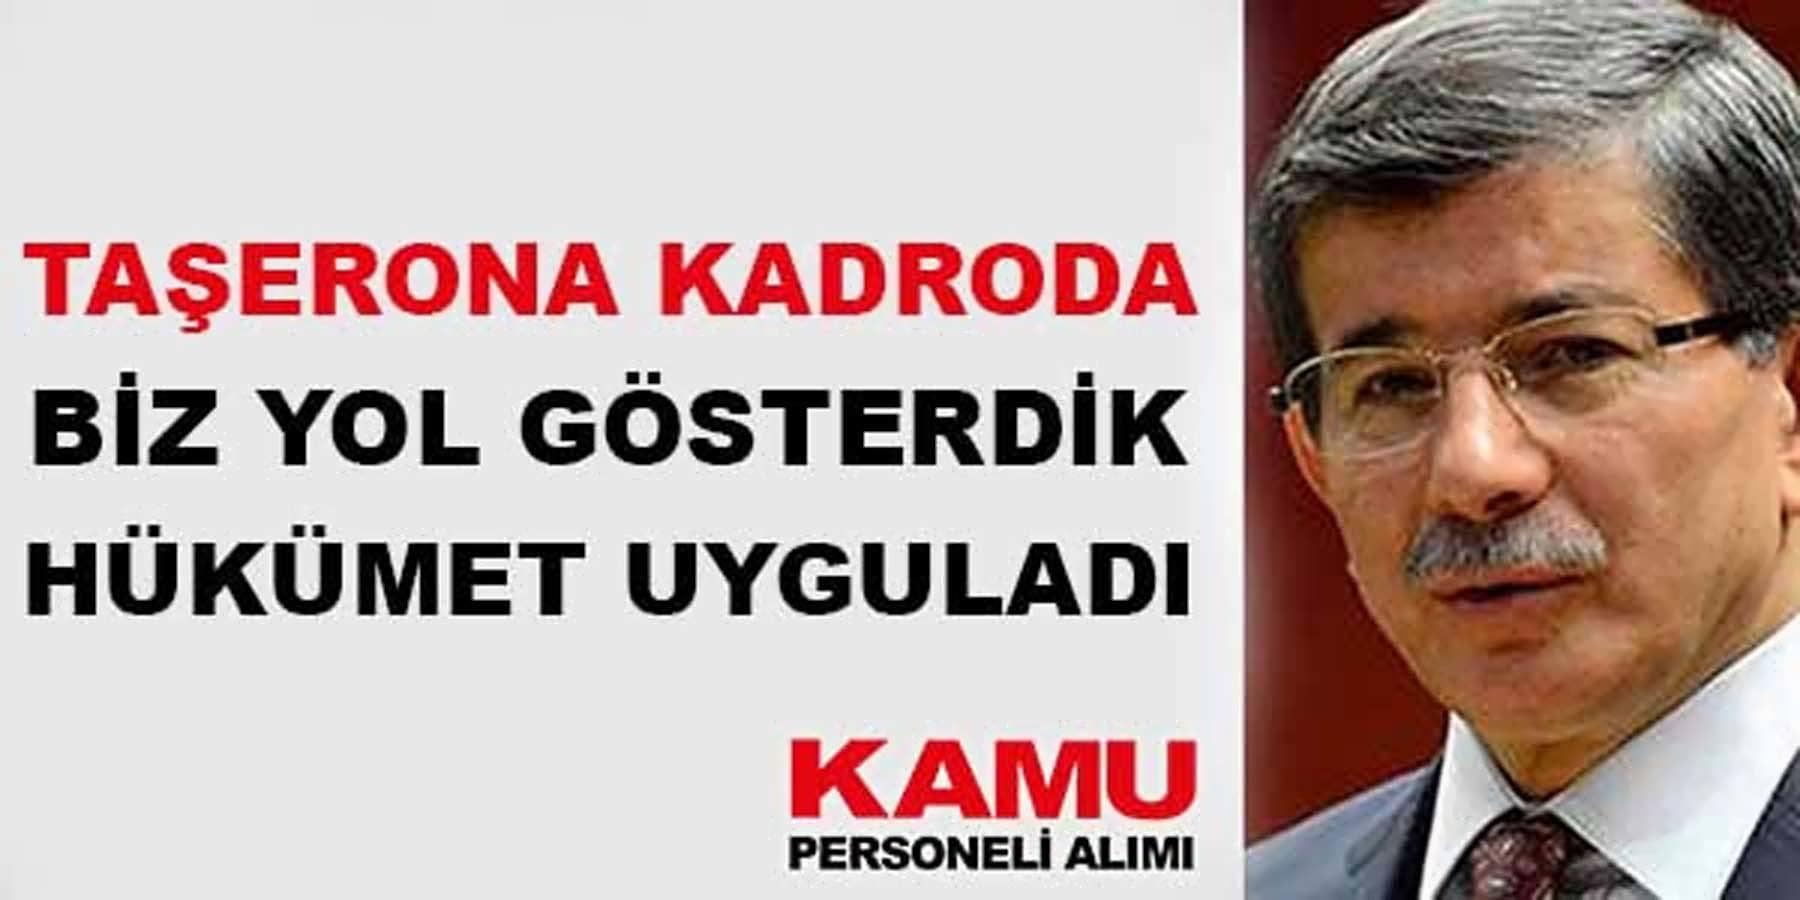 Taşerona Kadroda Biz Yol Gösterdik Hükümet Uyguladı